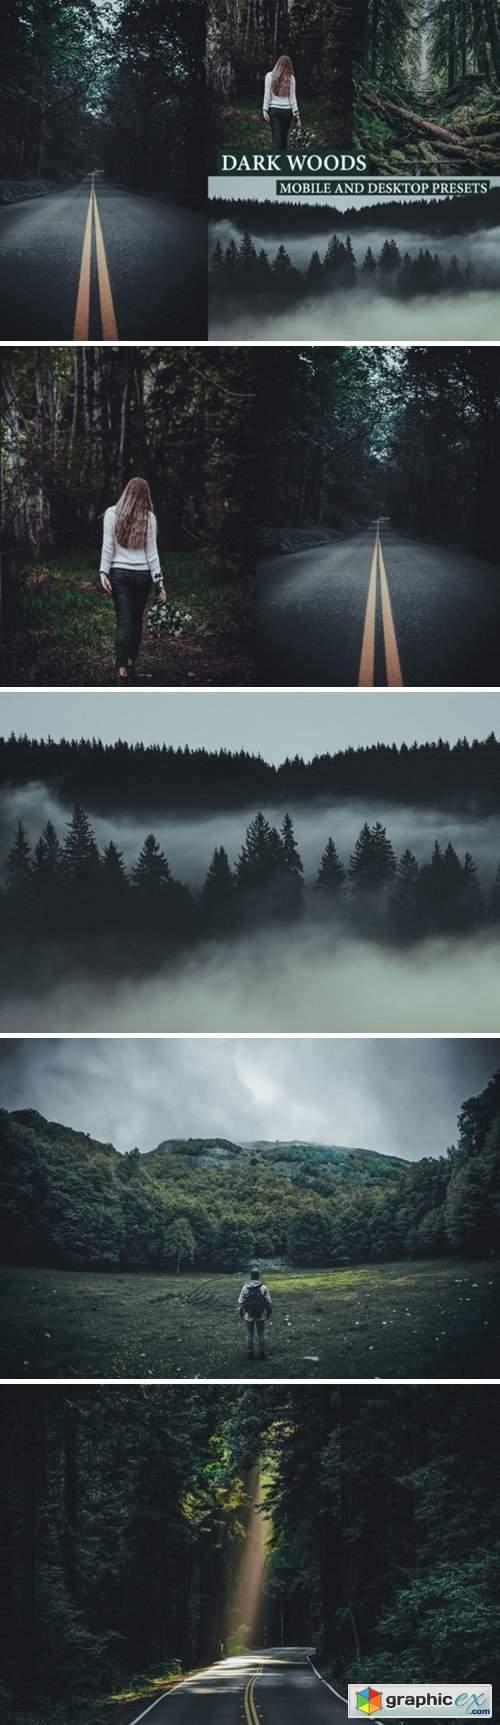 Cinematic Dark Woods Lightroom Presets